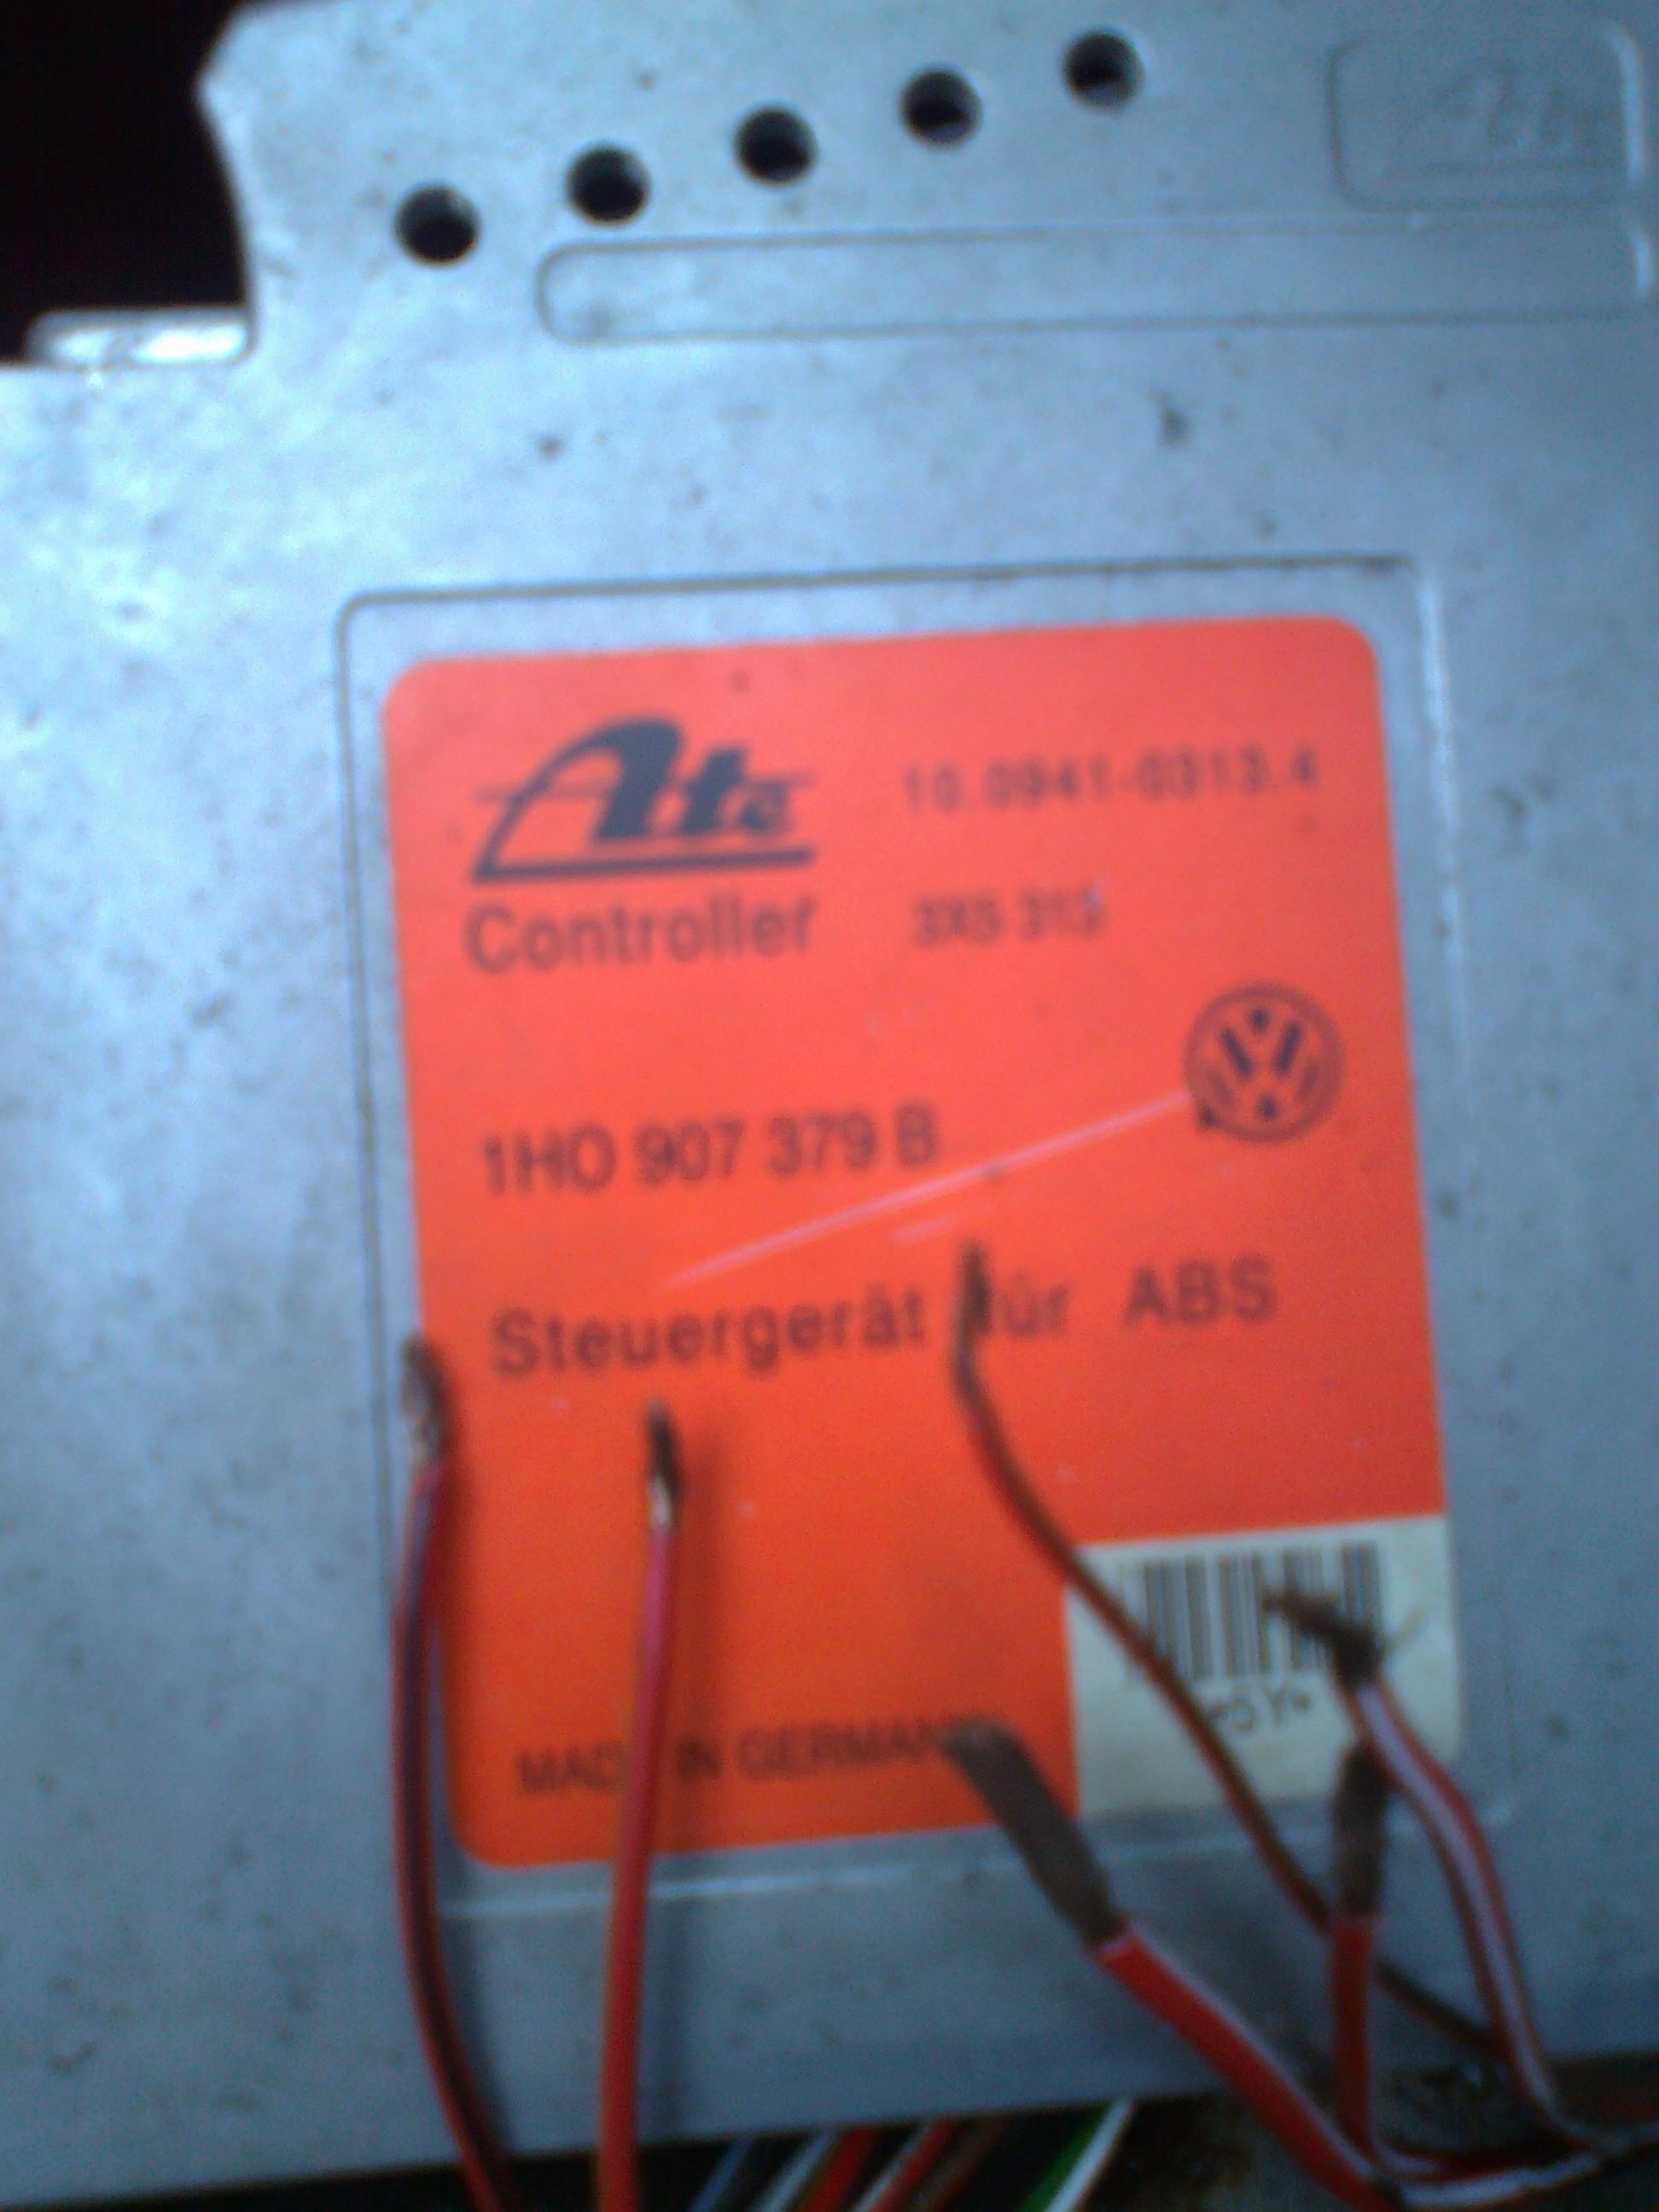 Szukam schematu pod�aczenia sterownika abs Golf III 1.8 benzyna 93 rok